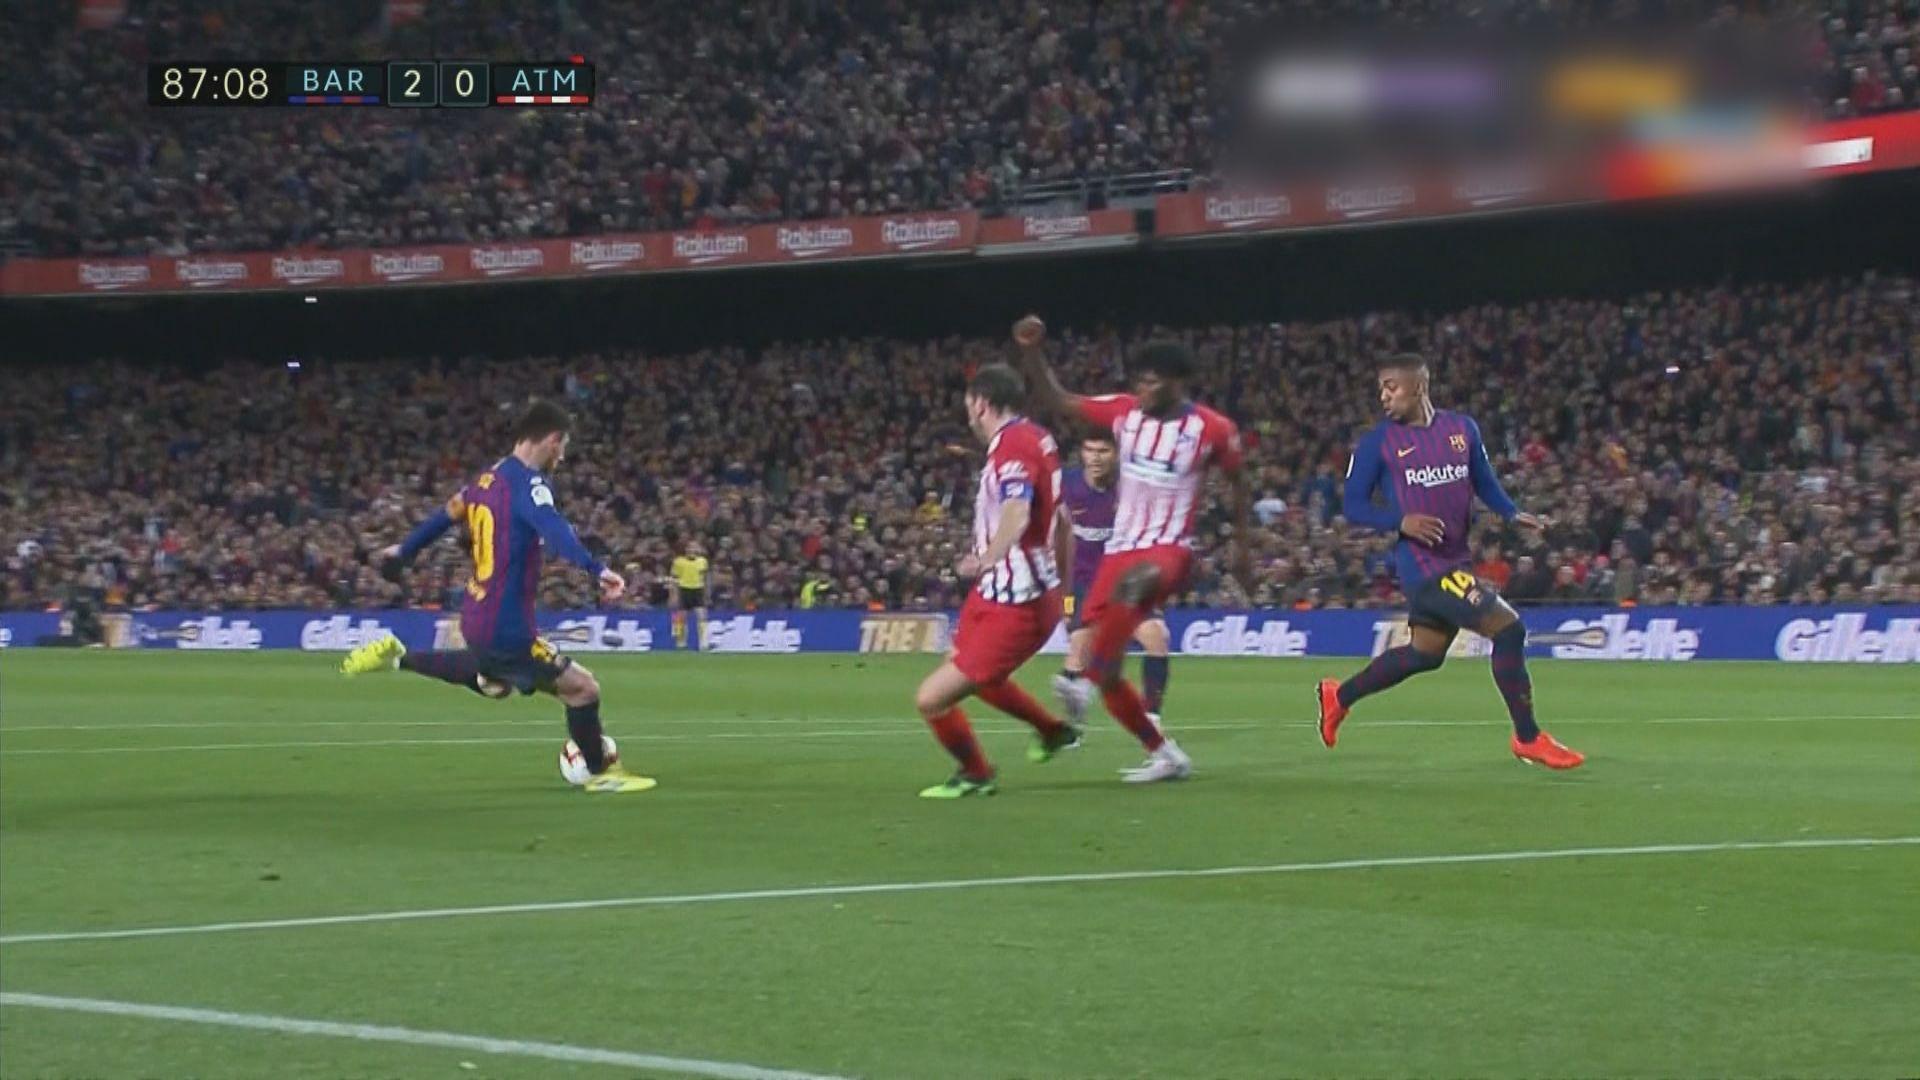 西甲 巴塞羅那 2:0 馬德里體育會